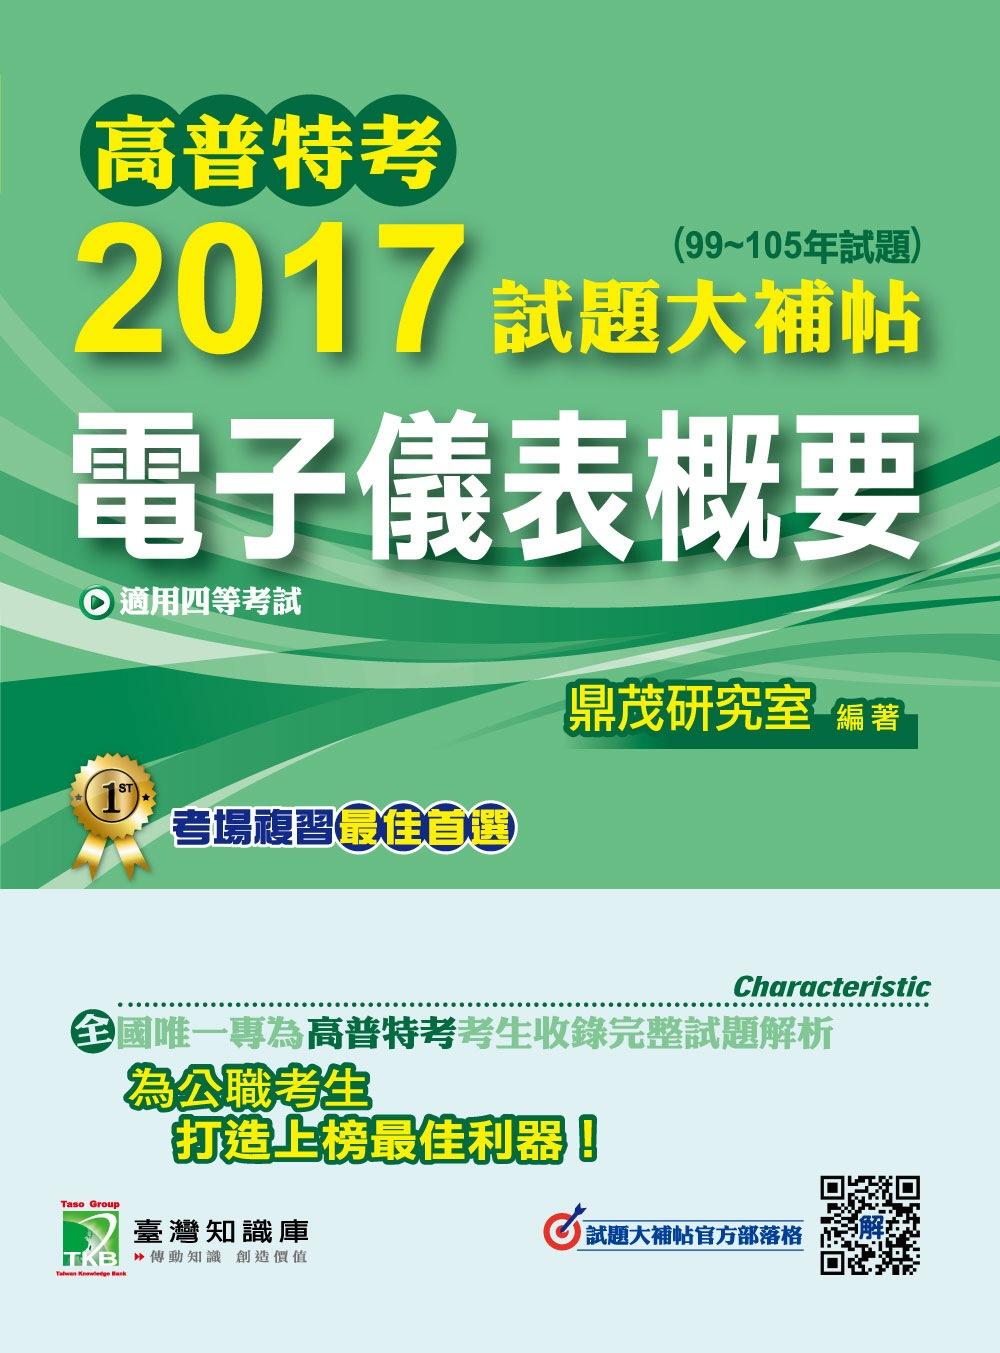 高普特考2017試題大補帖【電子儀表概要】(99~105年試題)四等